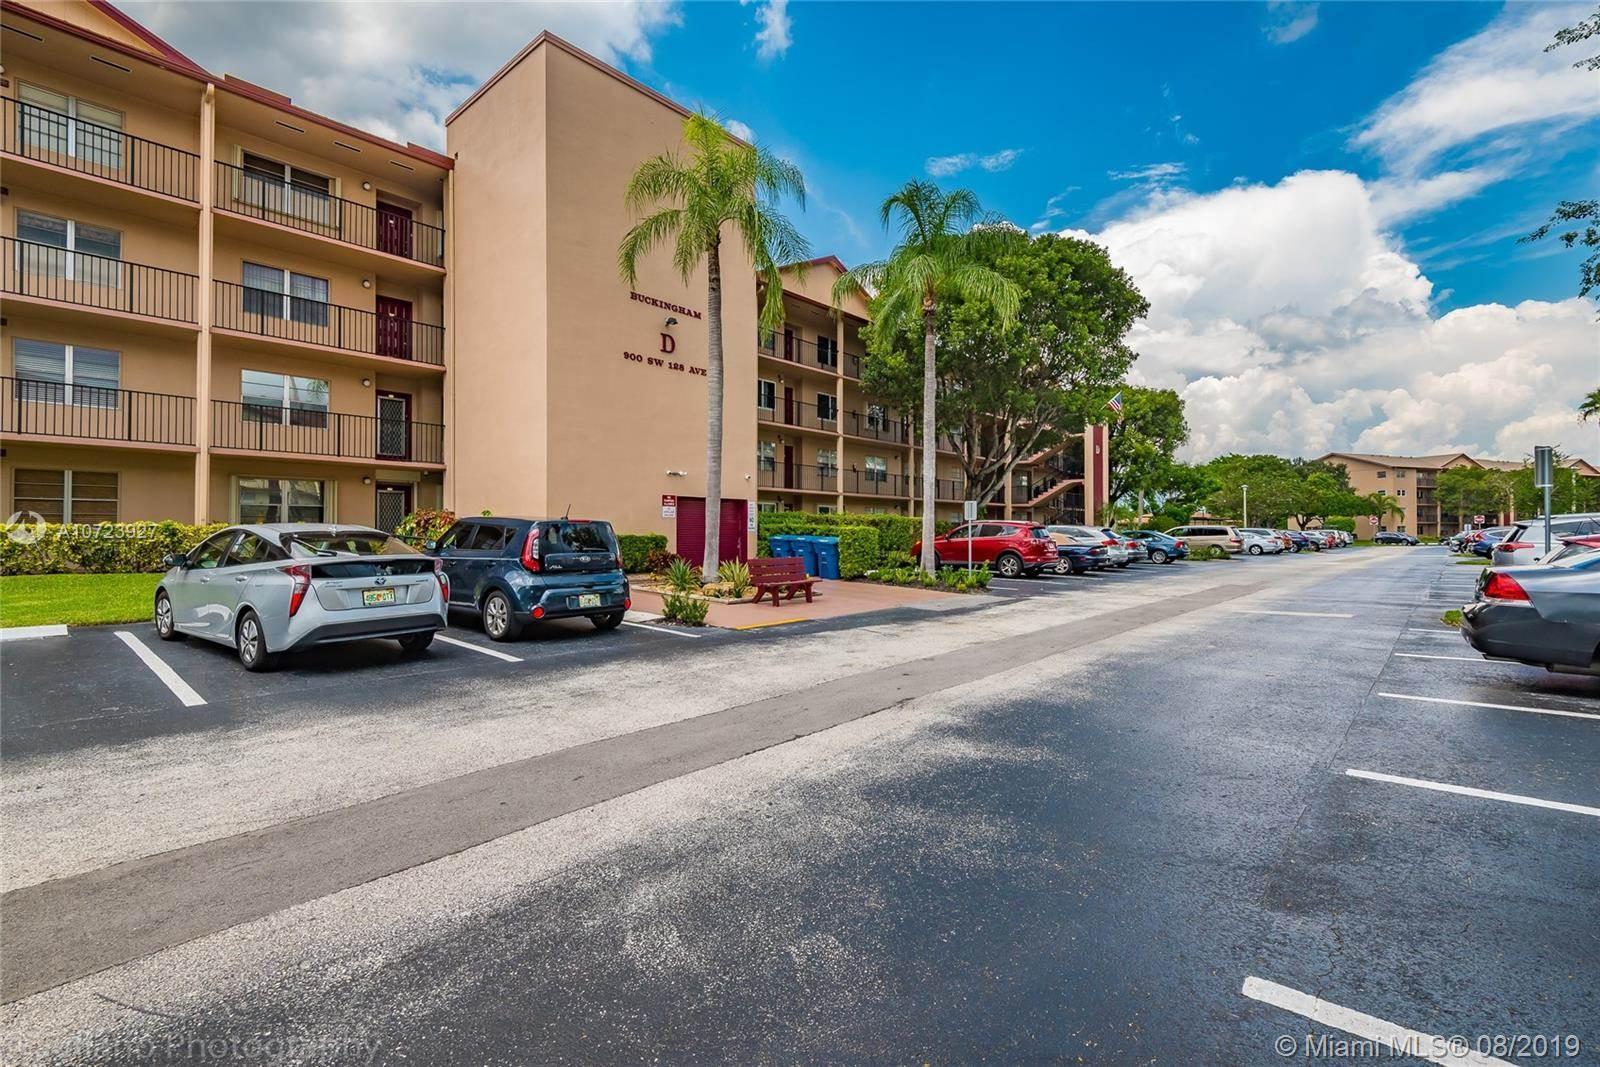 900 SW 128th Ave, #206D, Pembroke Pines, FL 33027